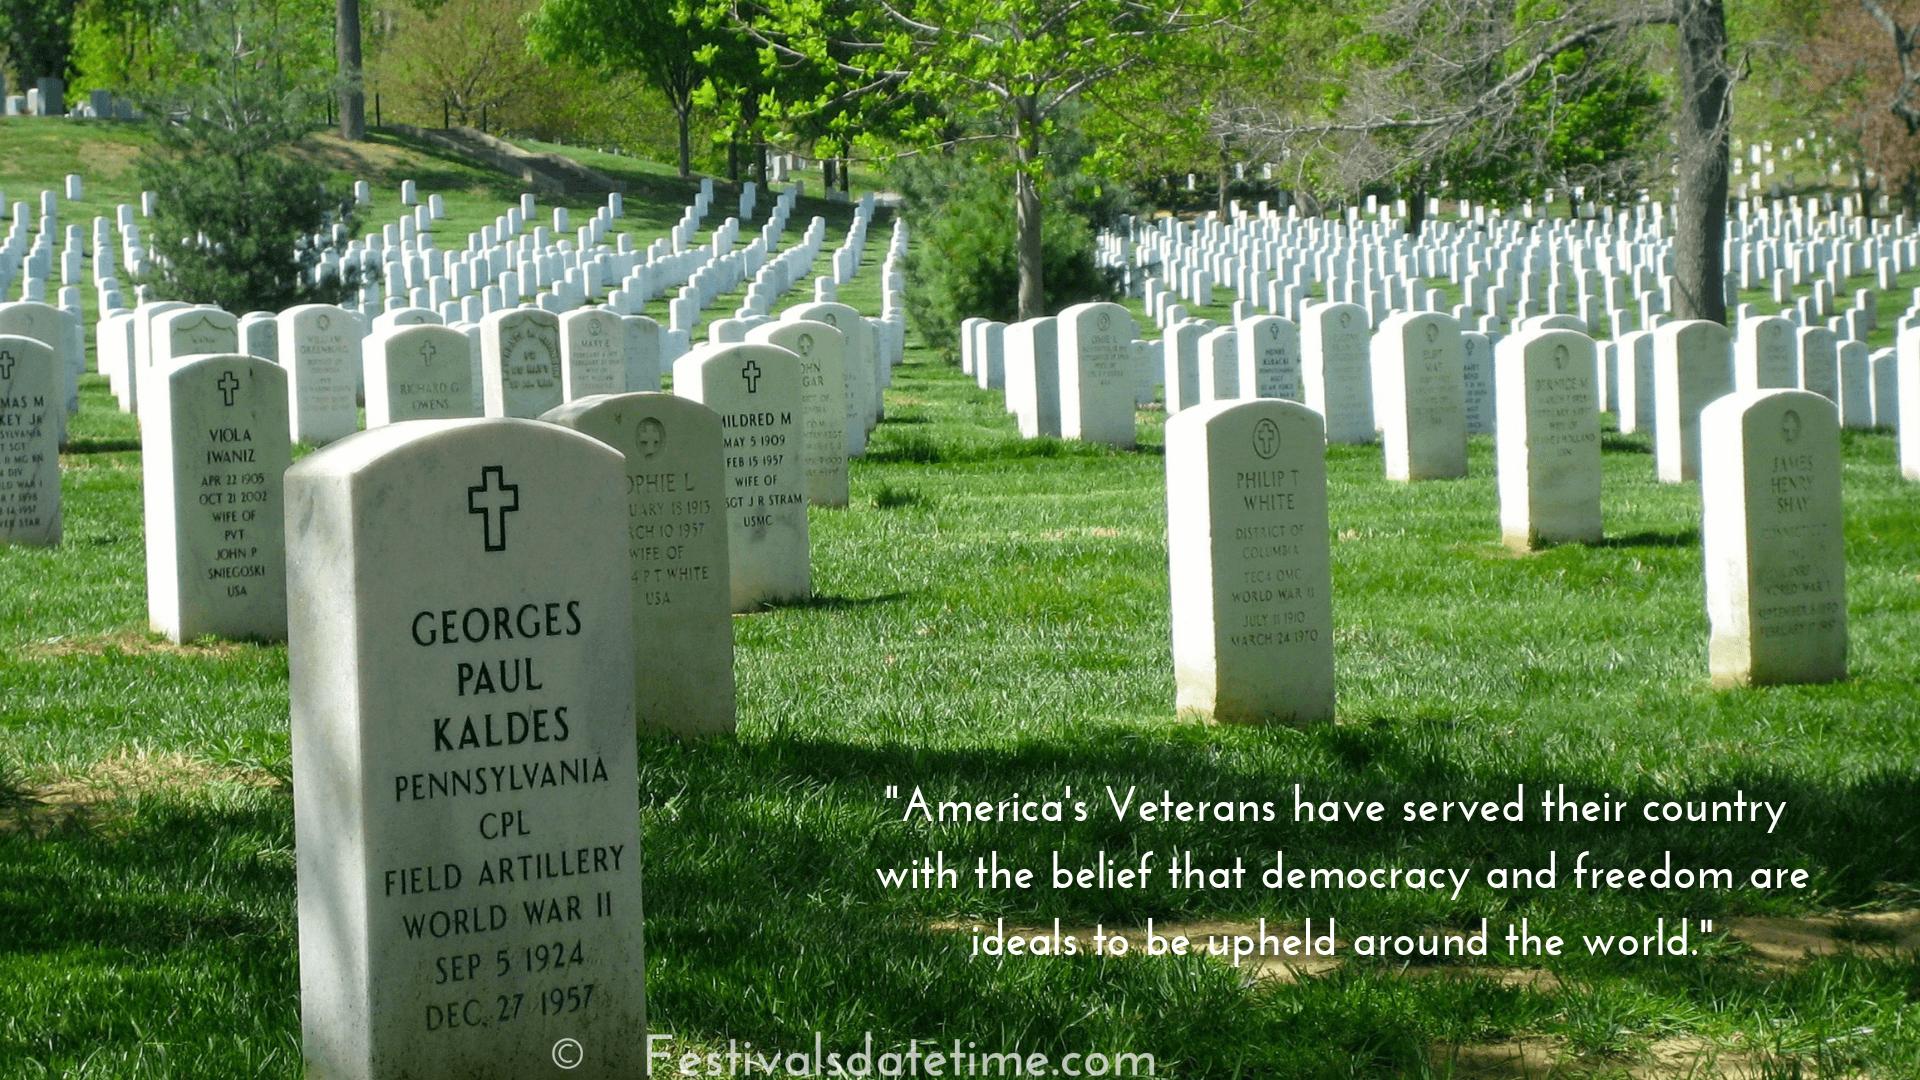 honoring veterans on veterans day images